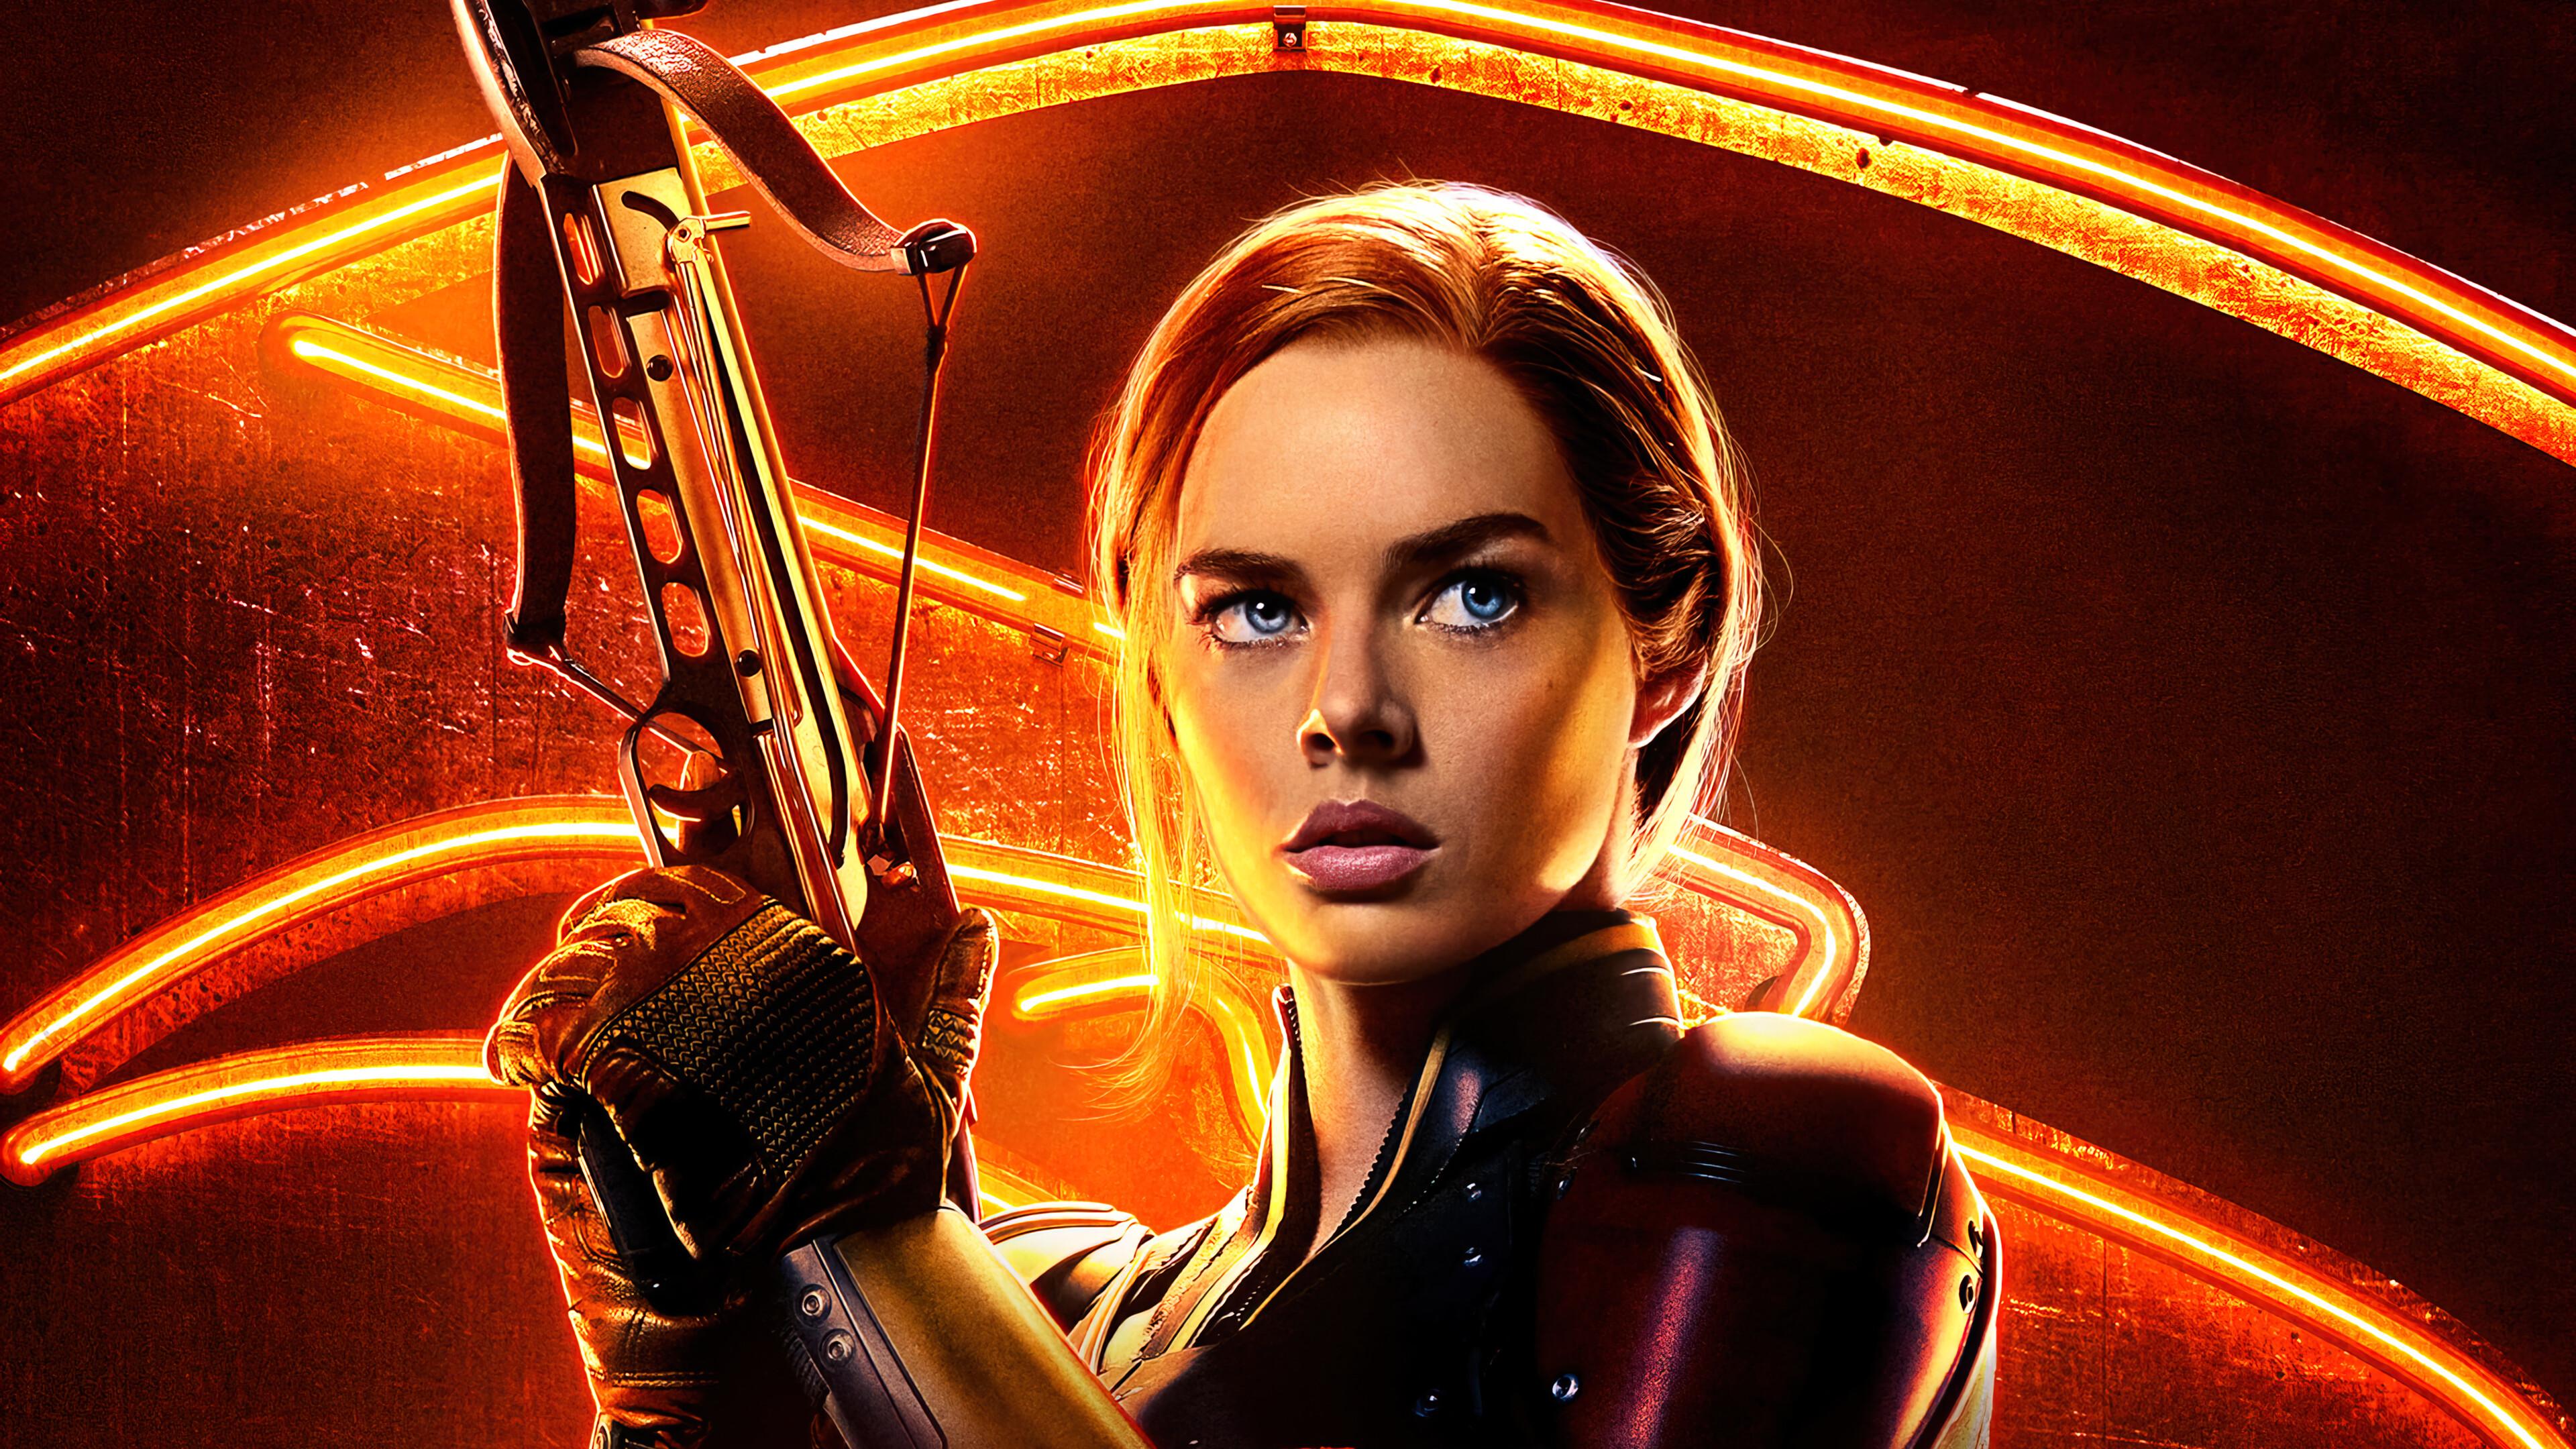 Wallpaper Samara Weaving in Snake Eyes Movies